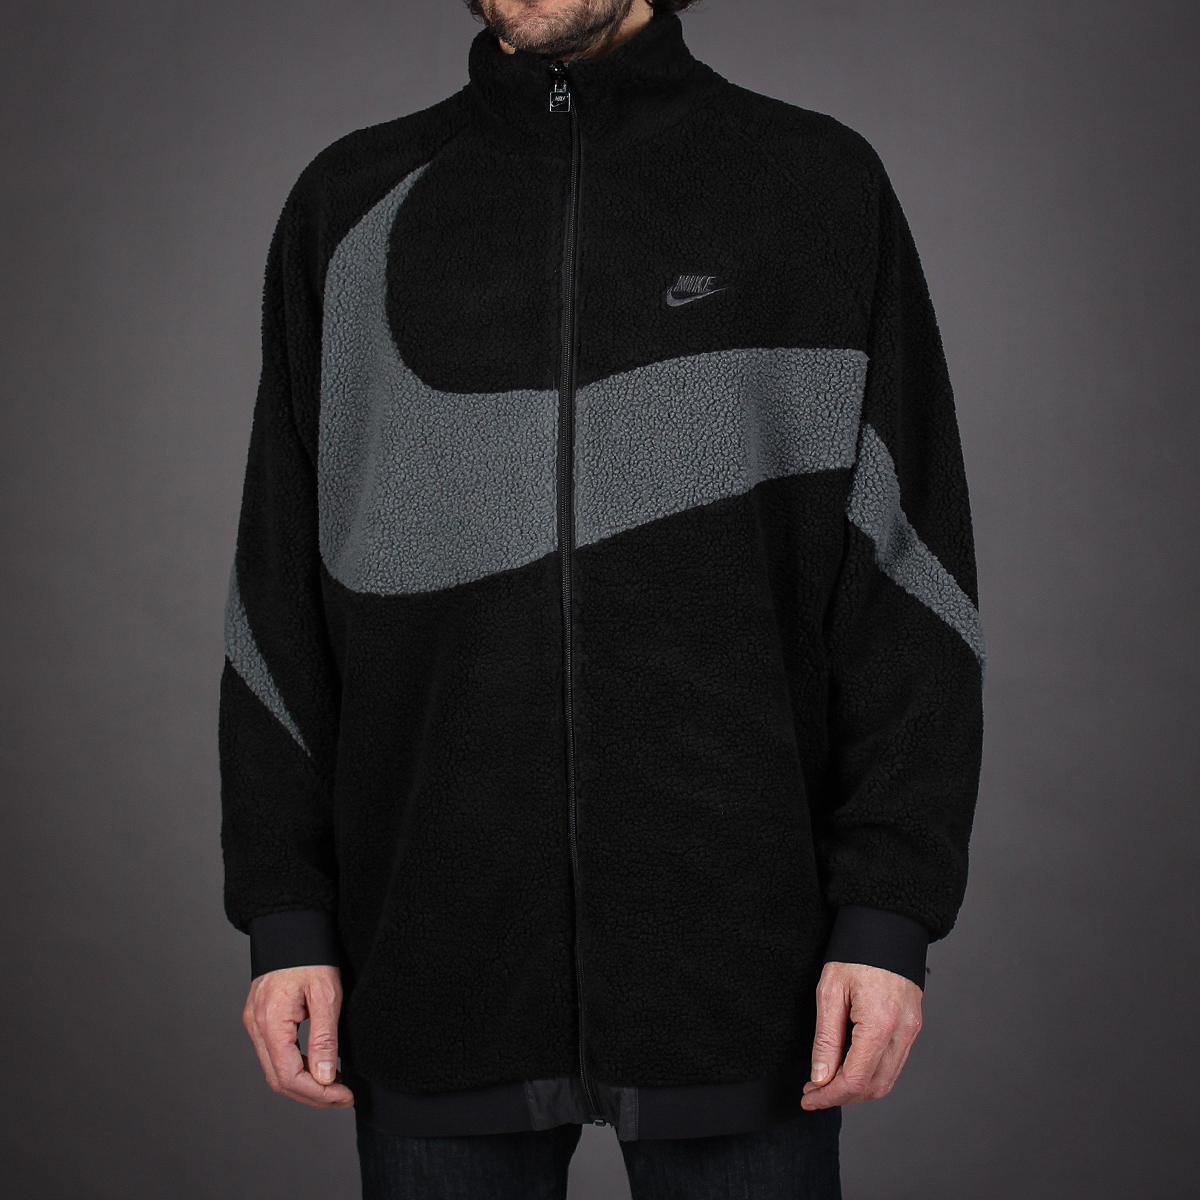 Nike Big Swoosh Apparel Pack